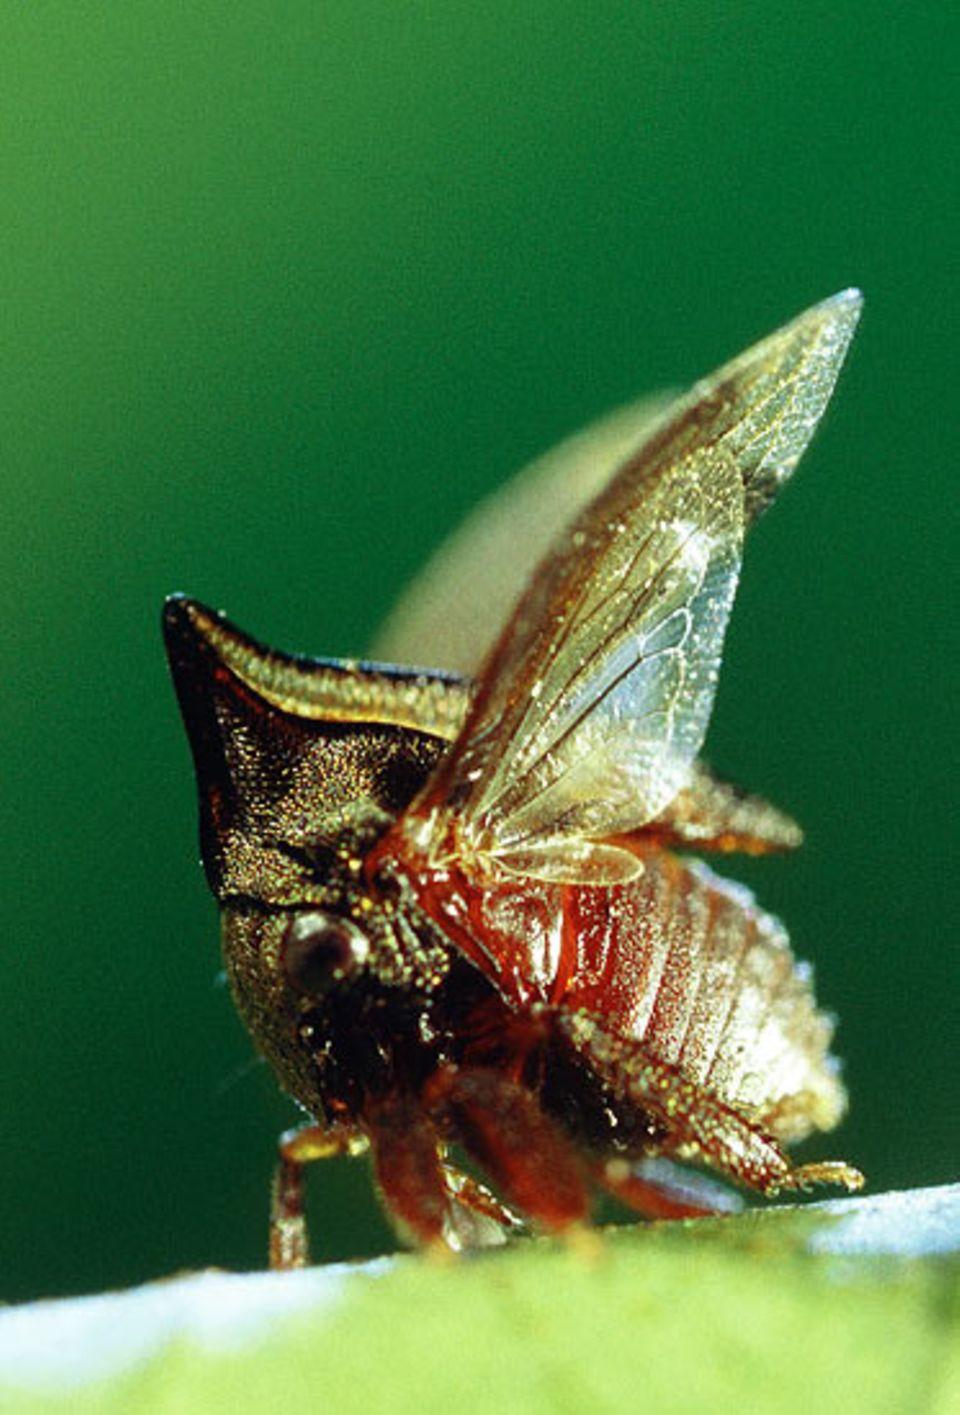 ... schlagen sie mit den Flügeln, recken das Stirnschild nach oben und kicken mit ihren muskulösen Vorderbeinen nach dem Angreifer